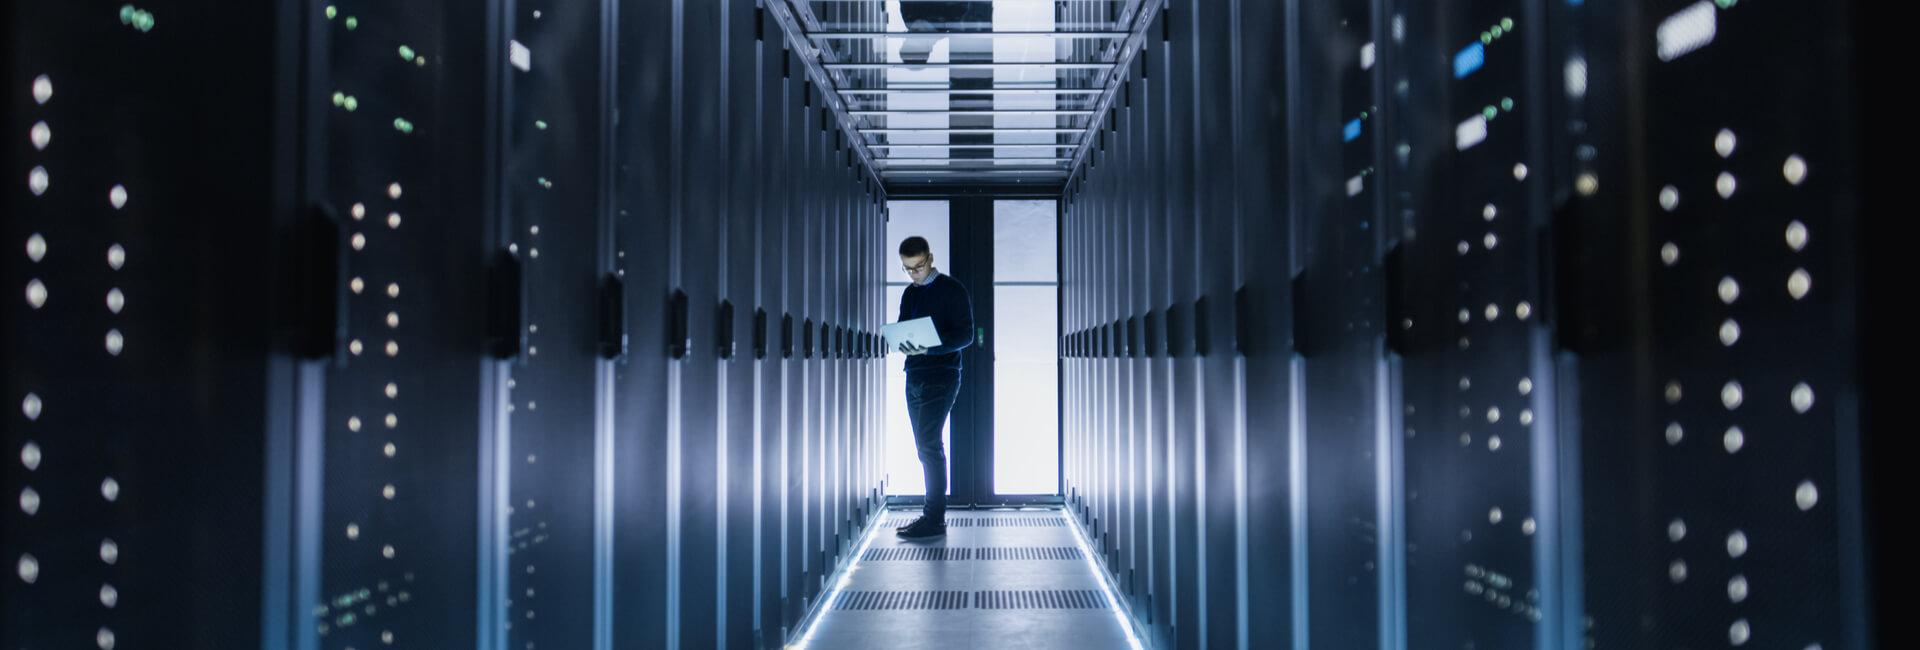 Costo data center: perché conviene l'outsourcing